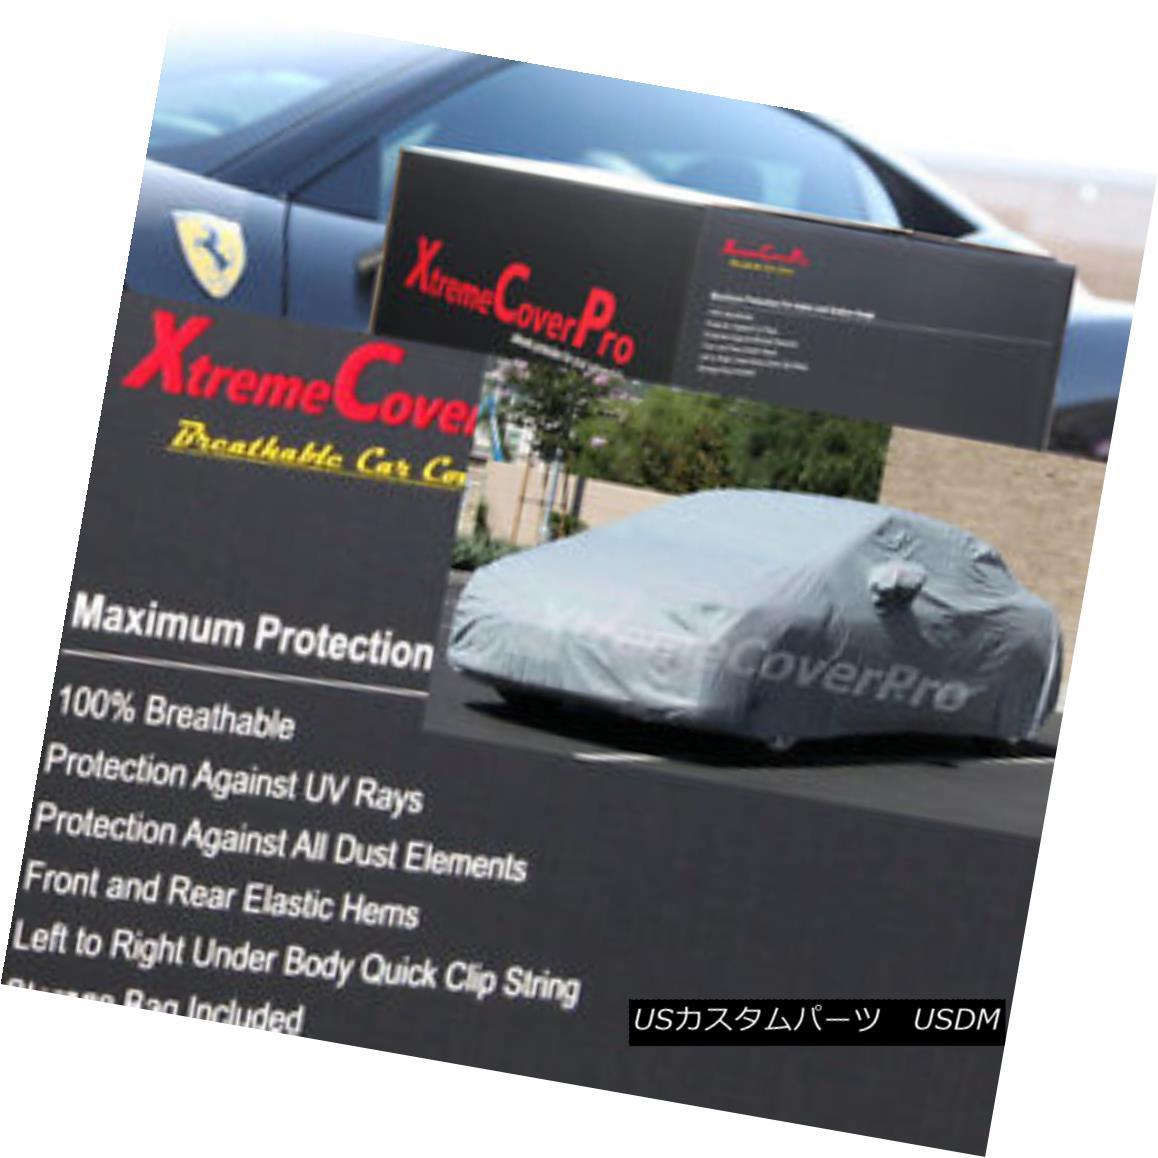 カーカバー 2010 2011 2012 2013 Ford Mustang Coupe Breathable Car Cover w/MirrorPocket 2010年2011年2013年2013フォードマスタングクーペ通気性車カバー付きMirrorPocket